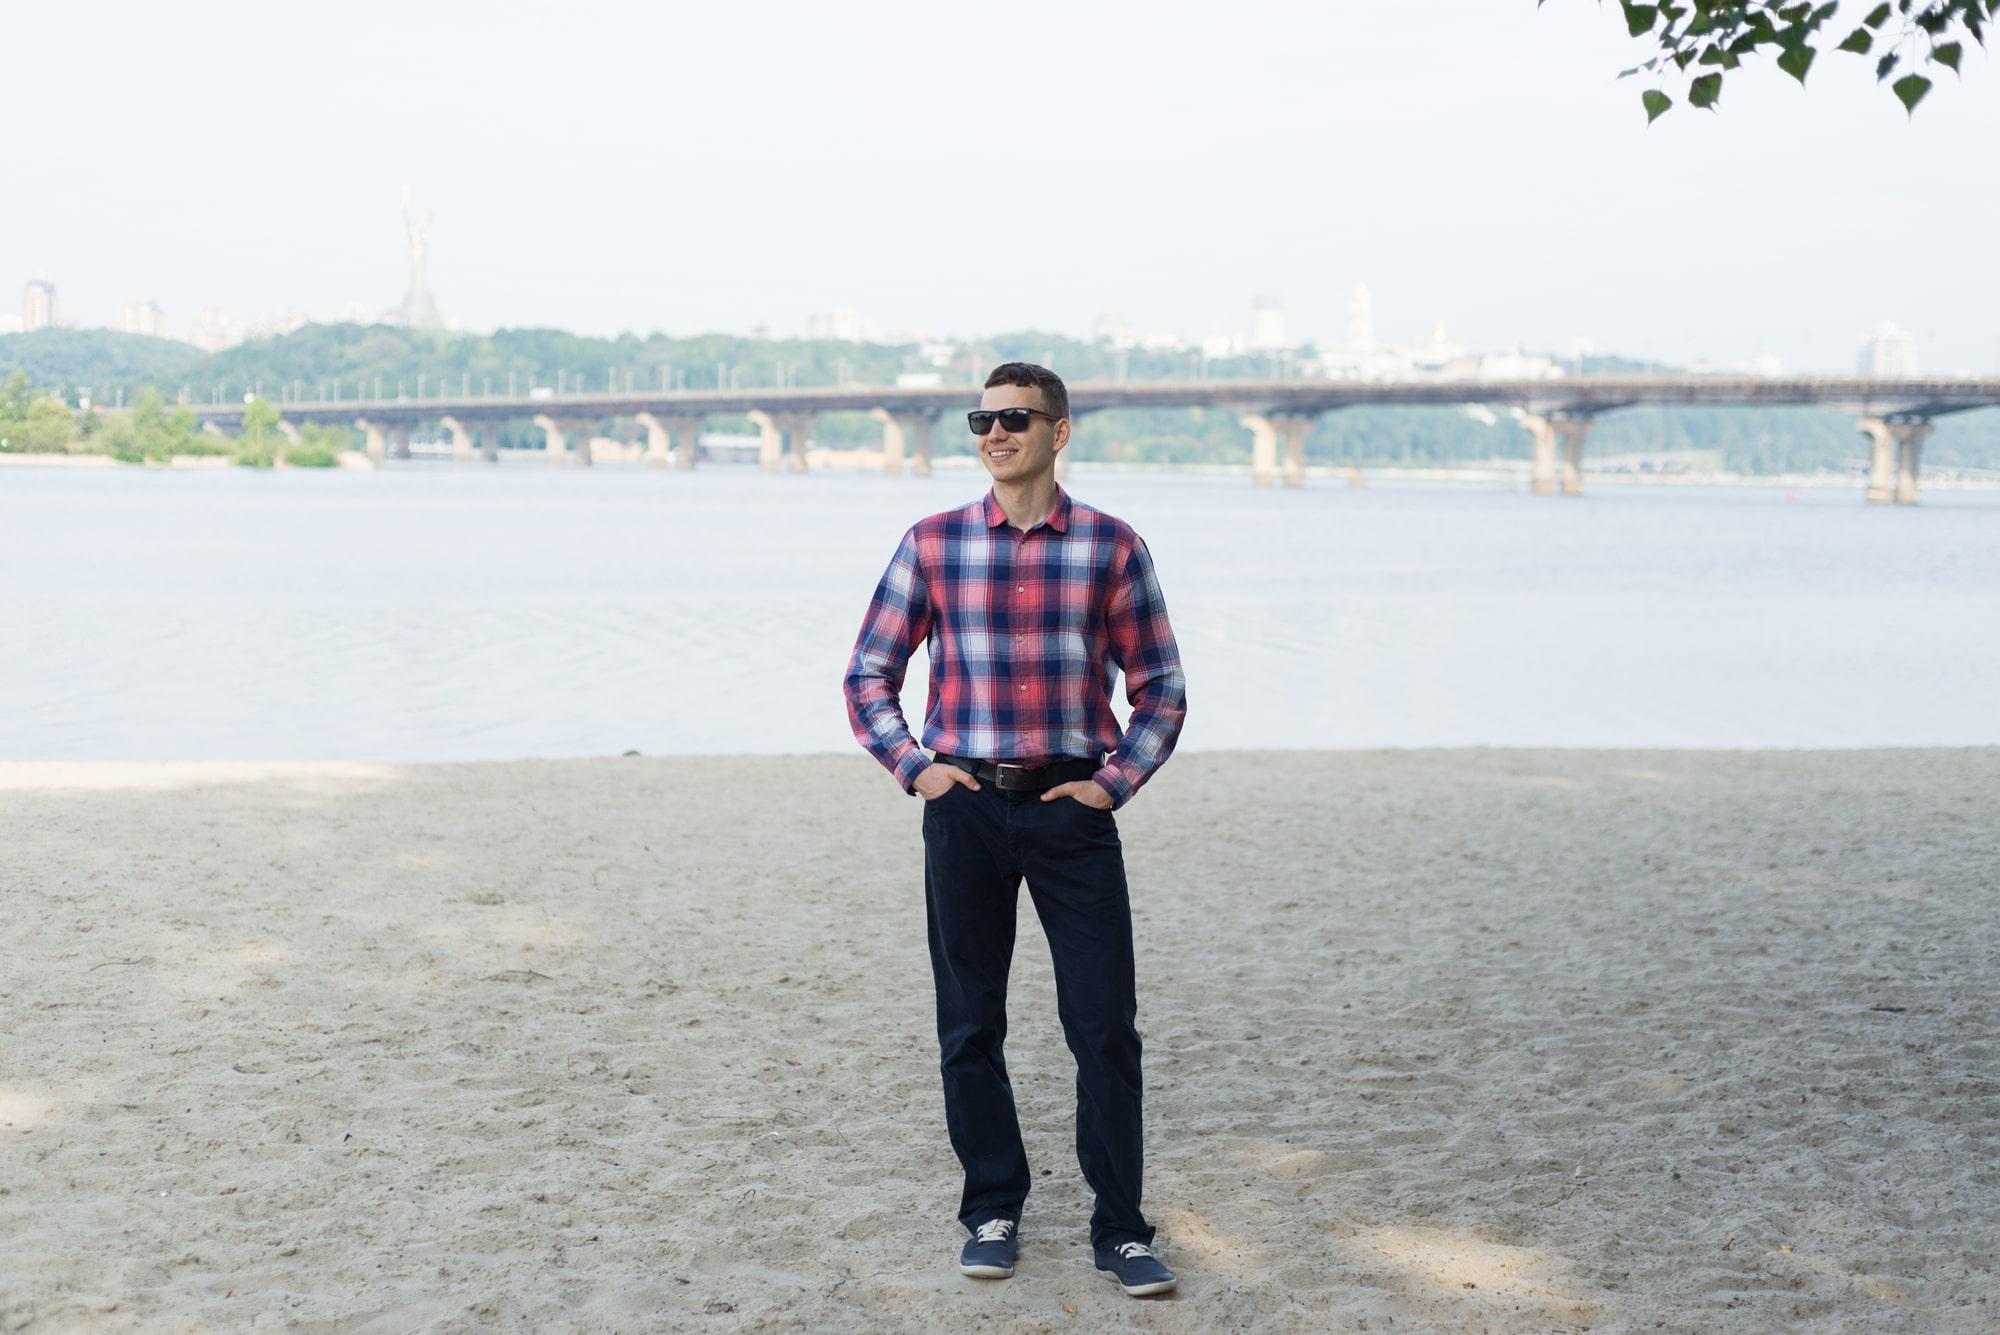 Фотосессия Love Story в Киеве - фотография парня возле реки